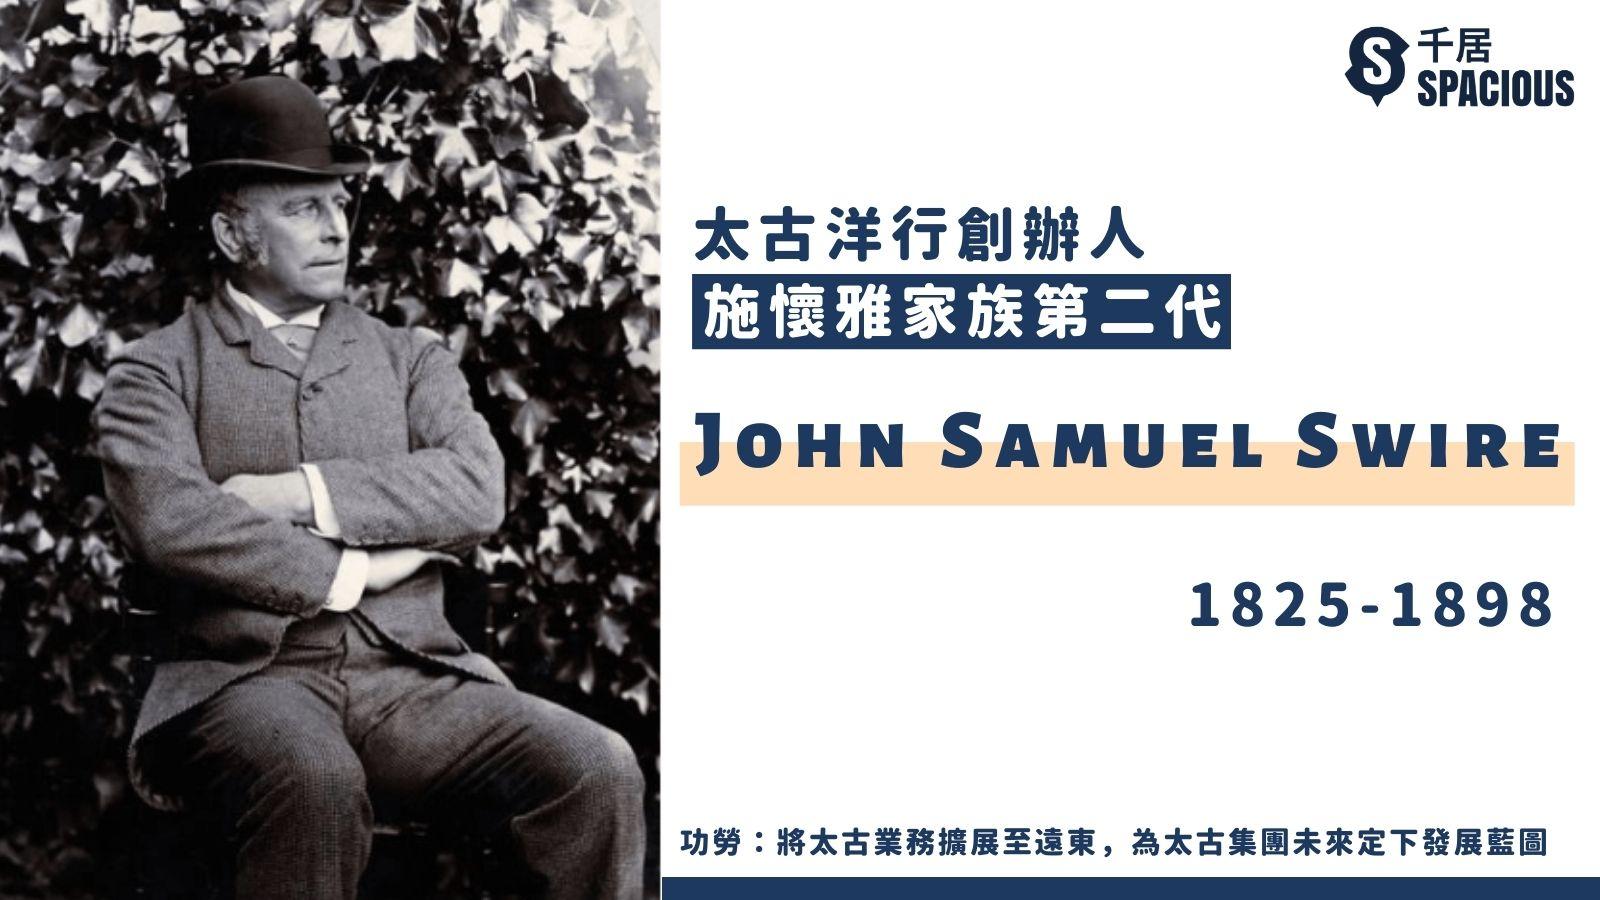 太古洋行創辦人-施懷雅家族第二代-John Samuel Swire